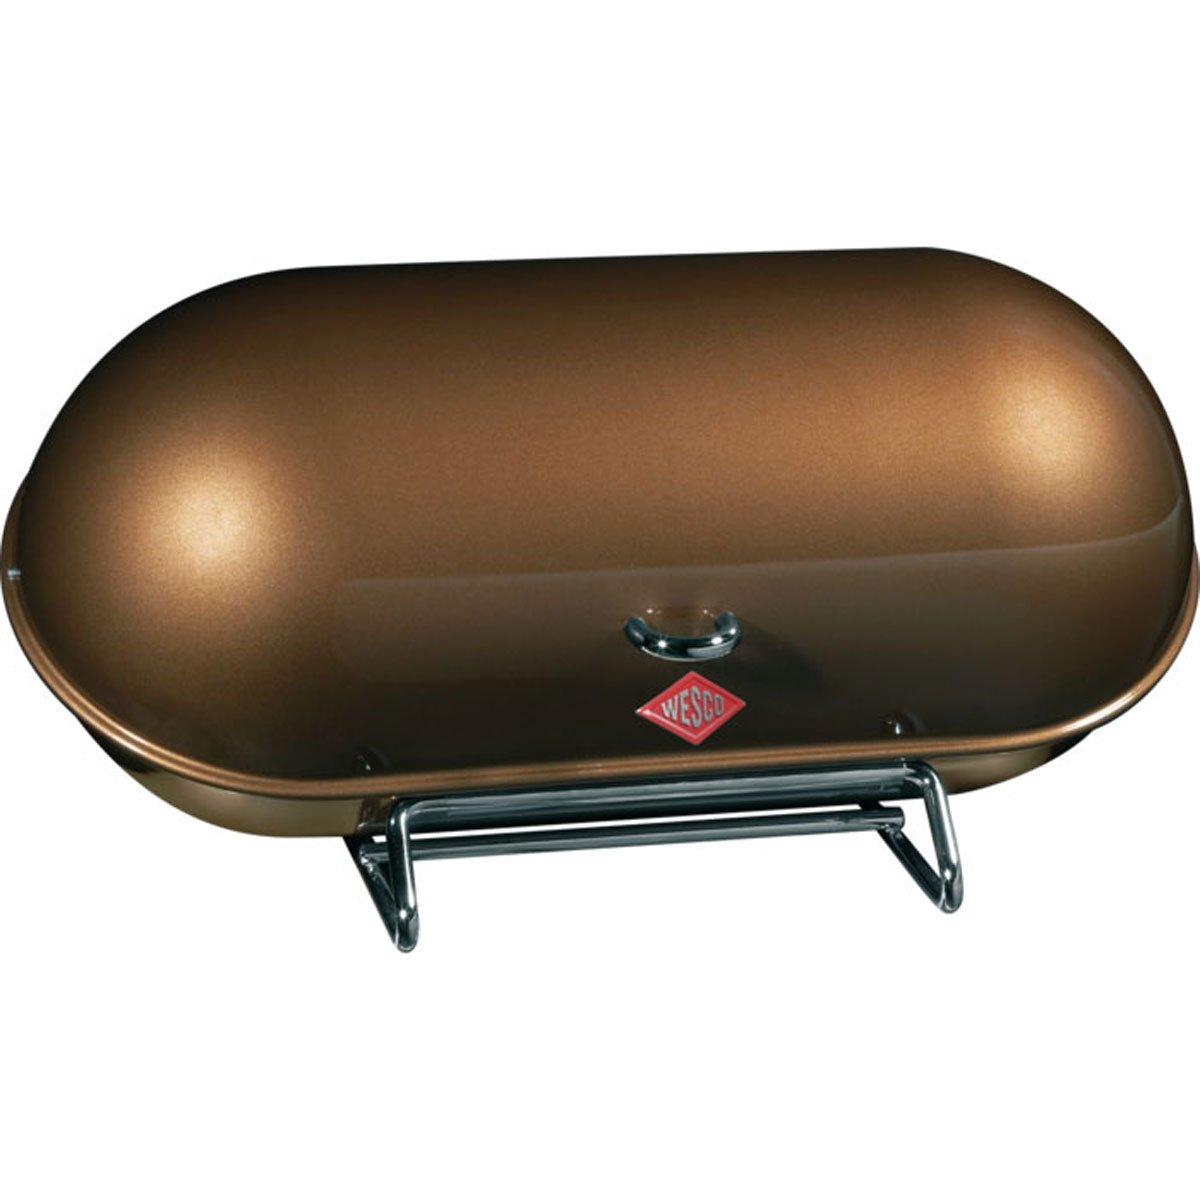 Wesco 222 20122 Breadboy Brotkasten, chocolate brown    Kundenbewertung und Beschreibung